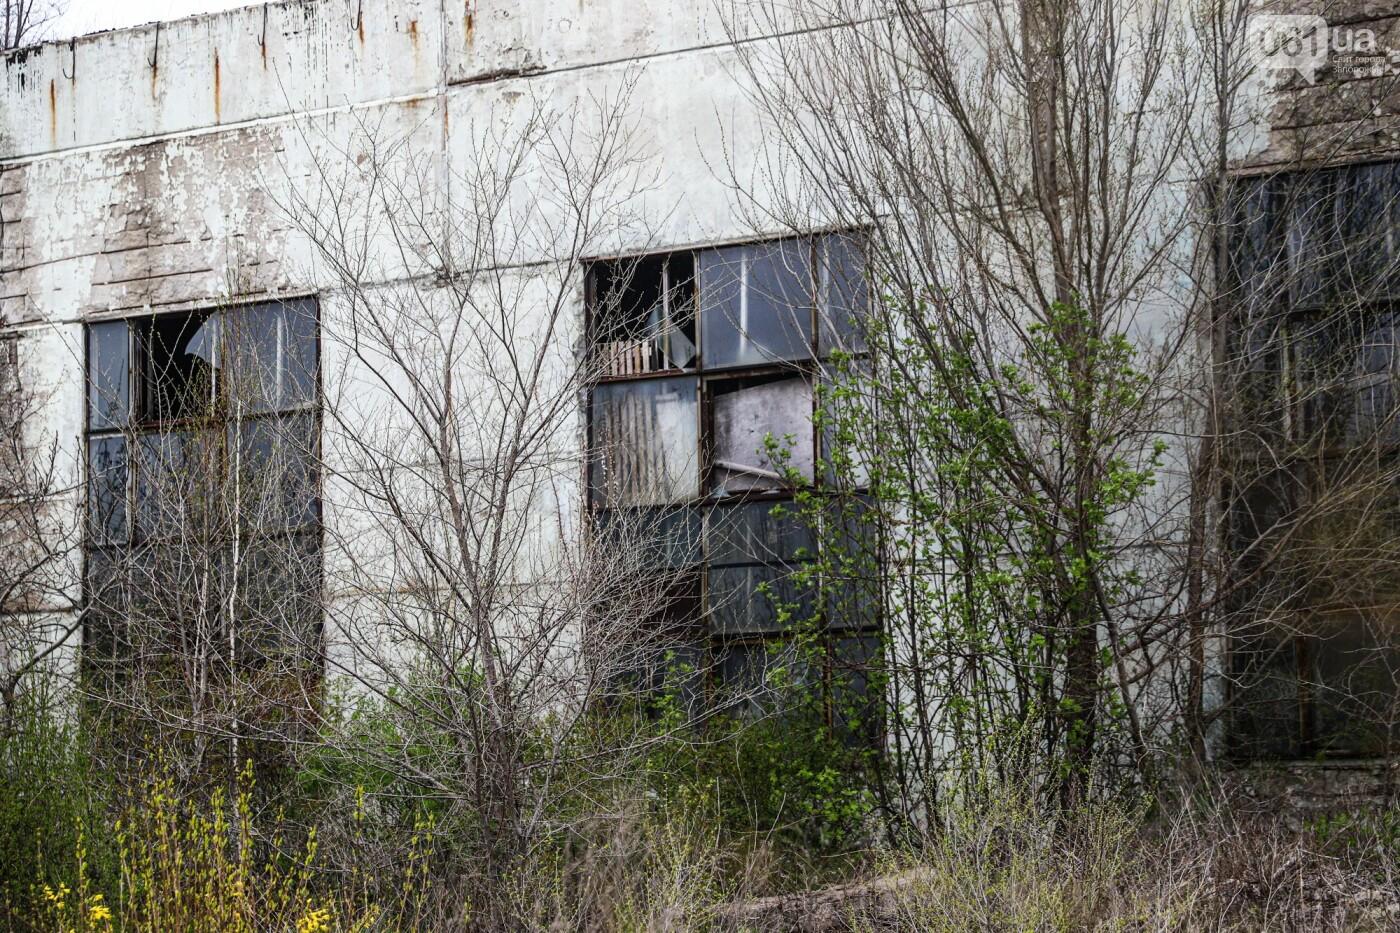 В Степногорске пытаются разобрать на металлолом шахту - промплощадка ГОКа превратилась в руины, - ФОТОРЕПОРТАЖ , фото-33